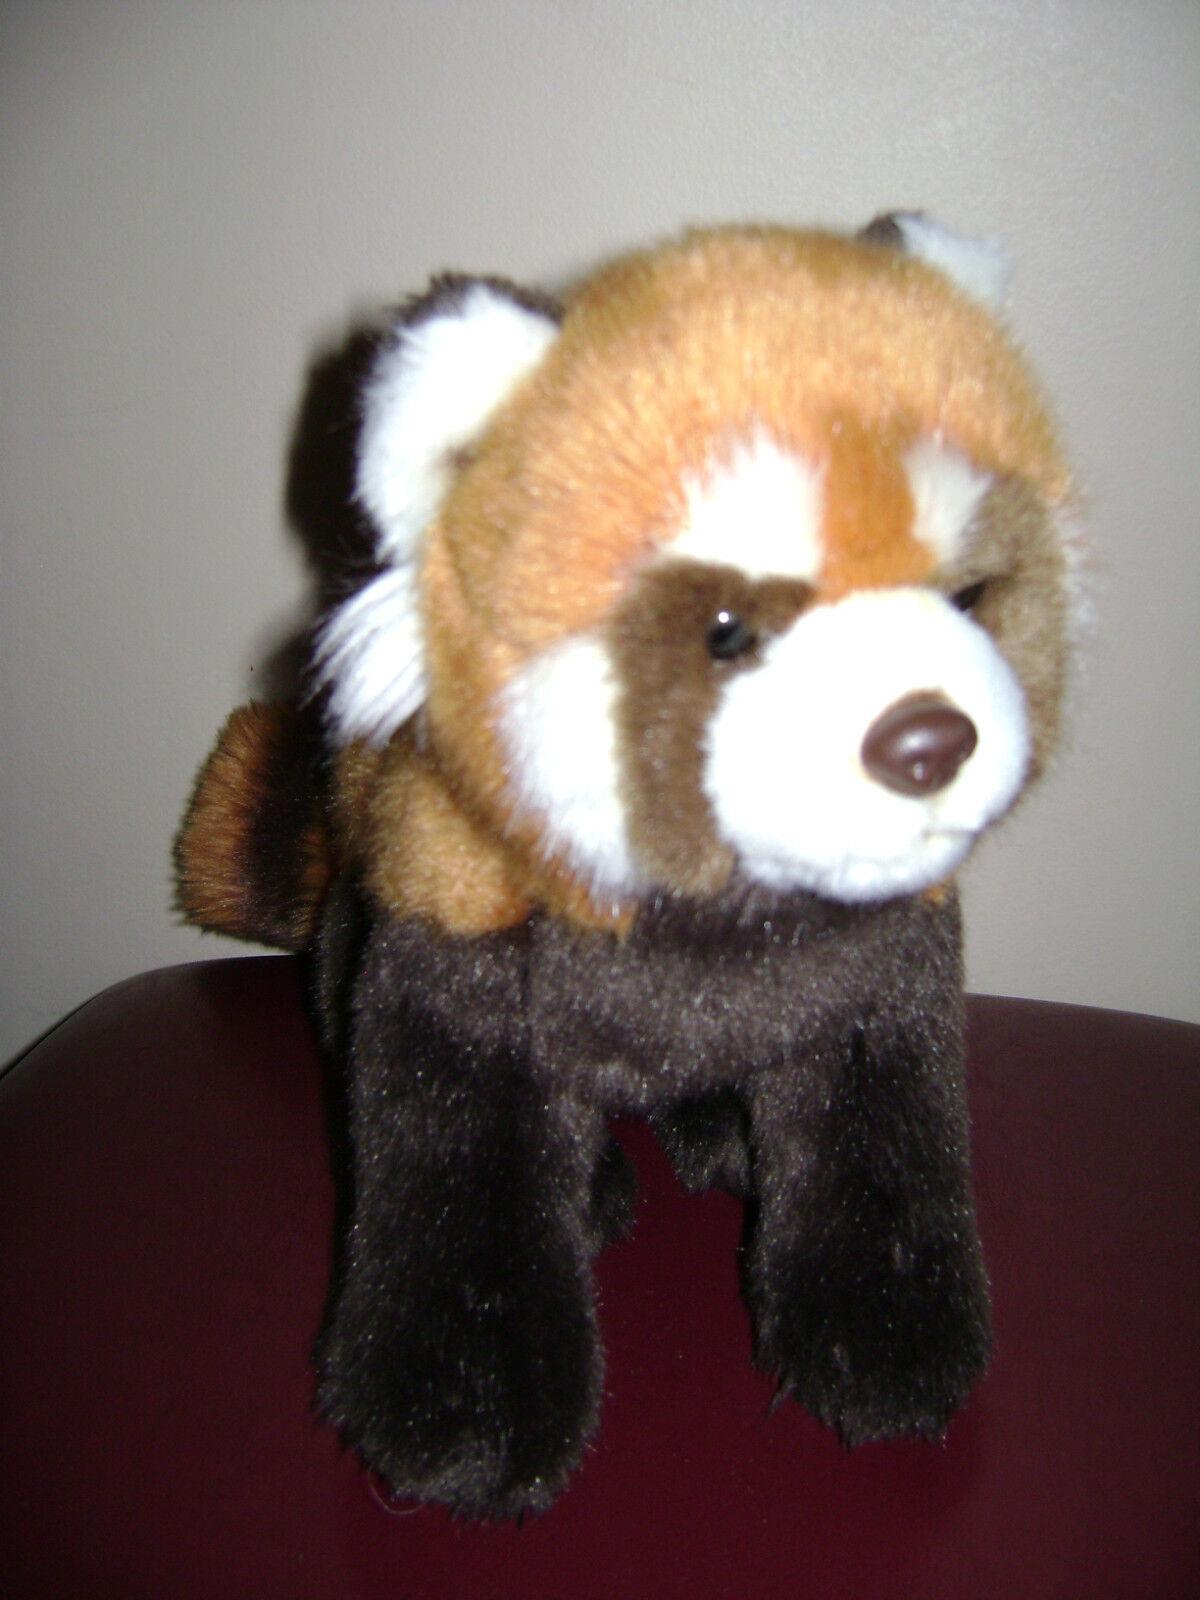 Webkinz Signature EndangeROT ROT Panda WKSE3015 by GANZ  PLUSH STUFFED TOY